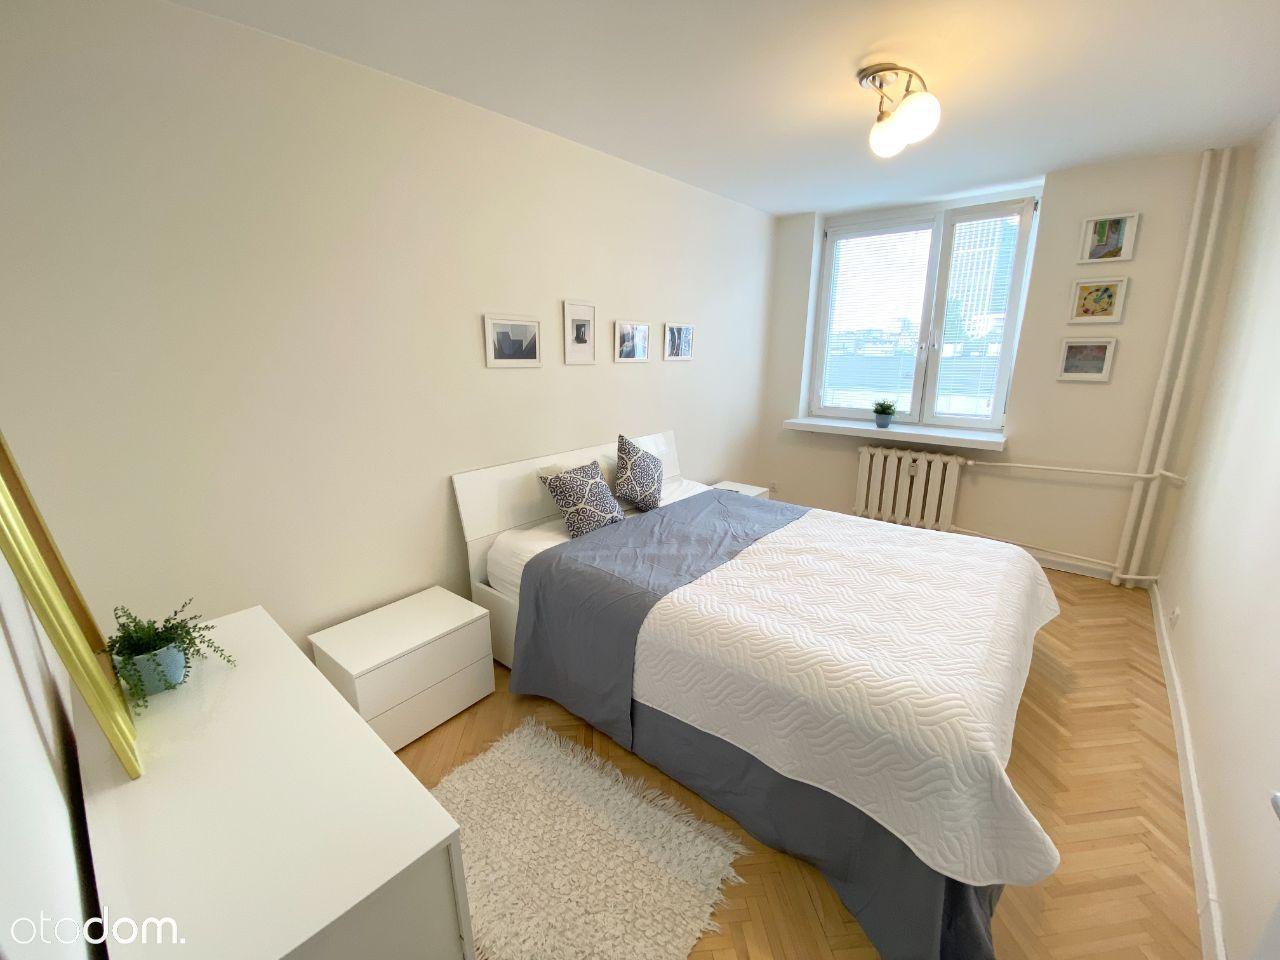 3 pokojowe mieszkanie przy ul. Żelaznej, 65m2